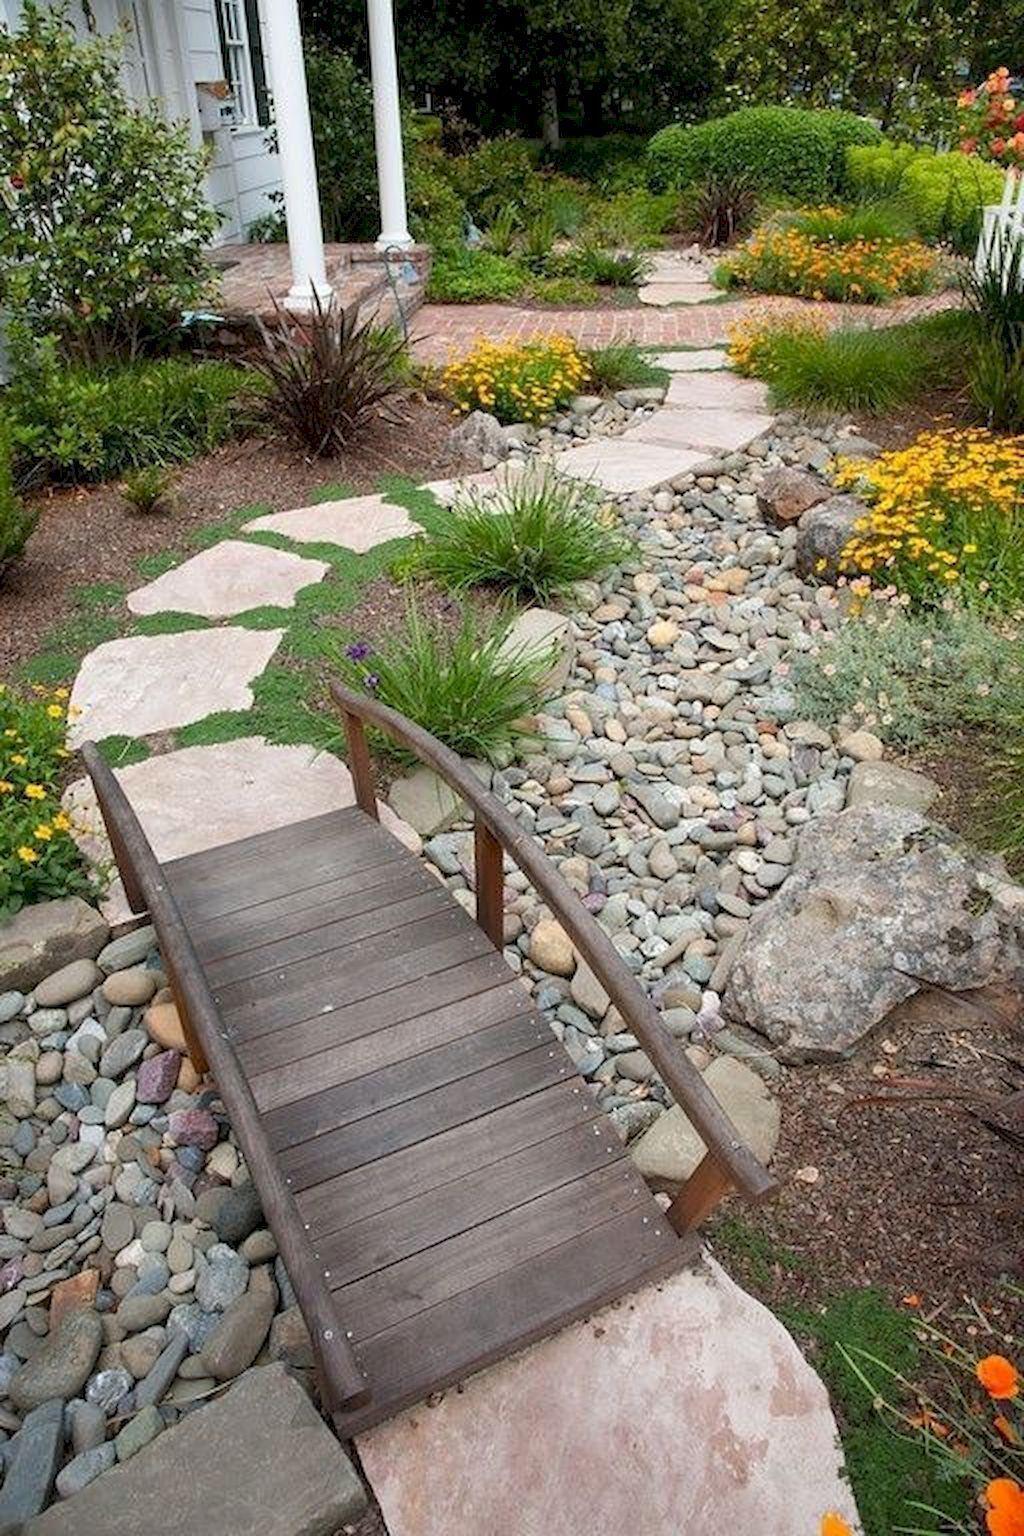 Desert backyard ideas on a budget #minigreenhousediy 348 ... on Backyard Desert Landscaping Ideas On A Budget id=47889